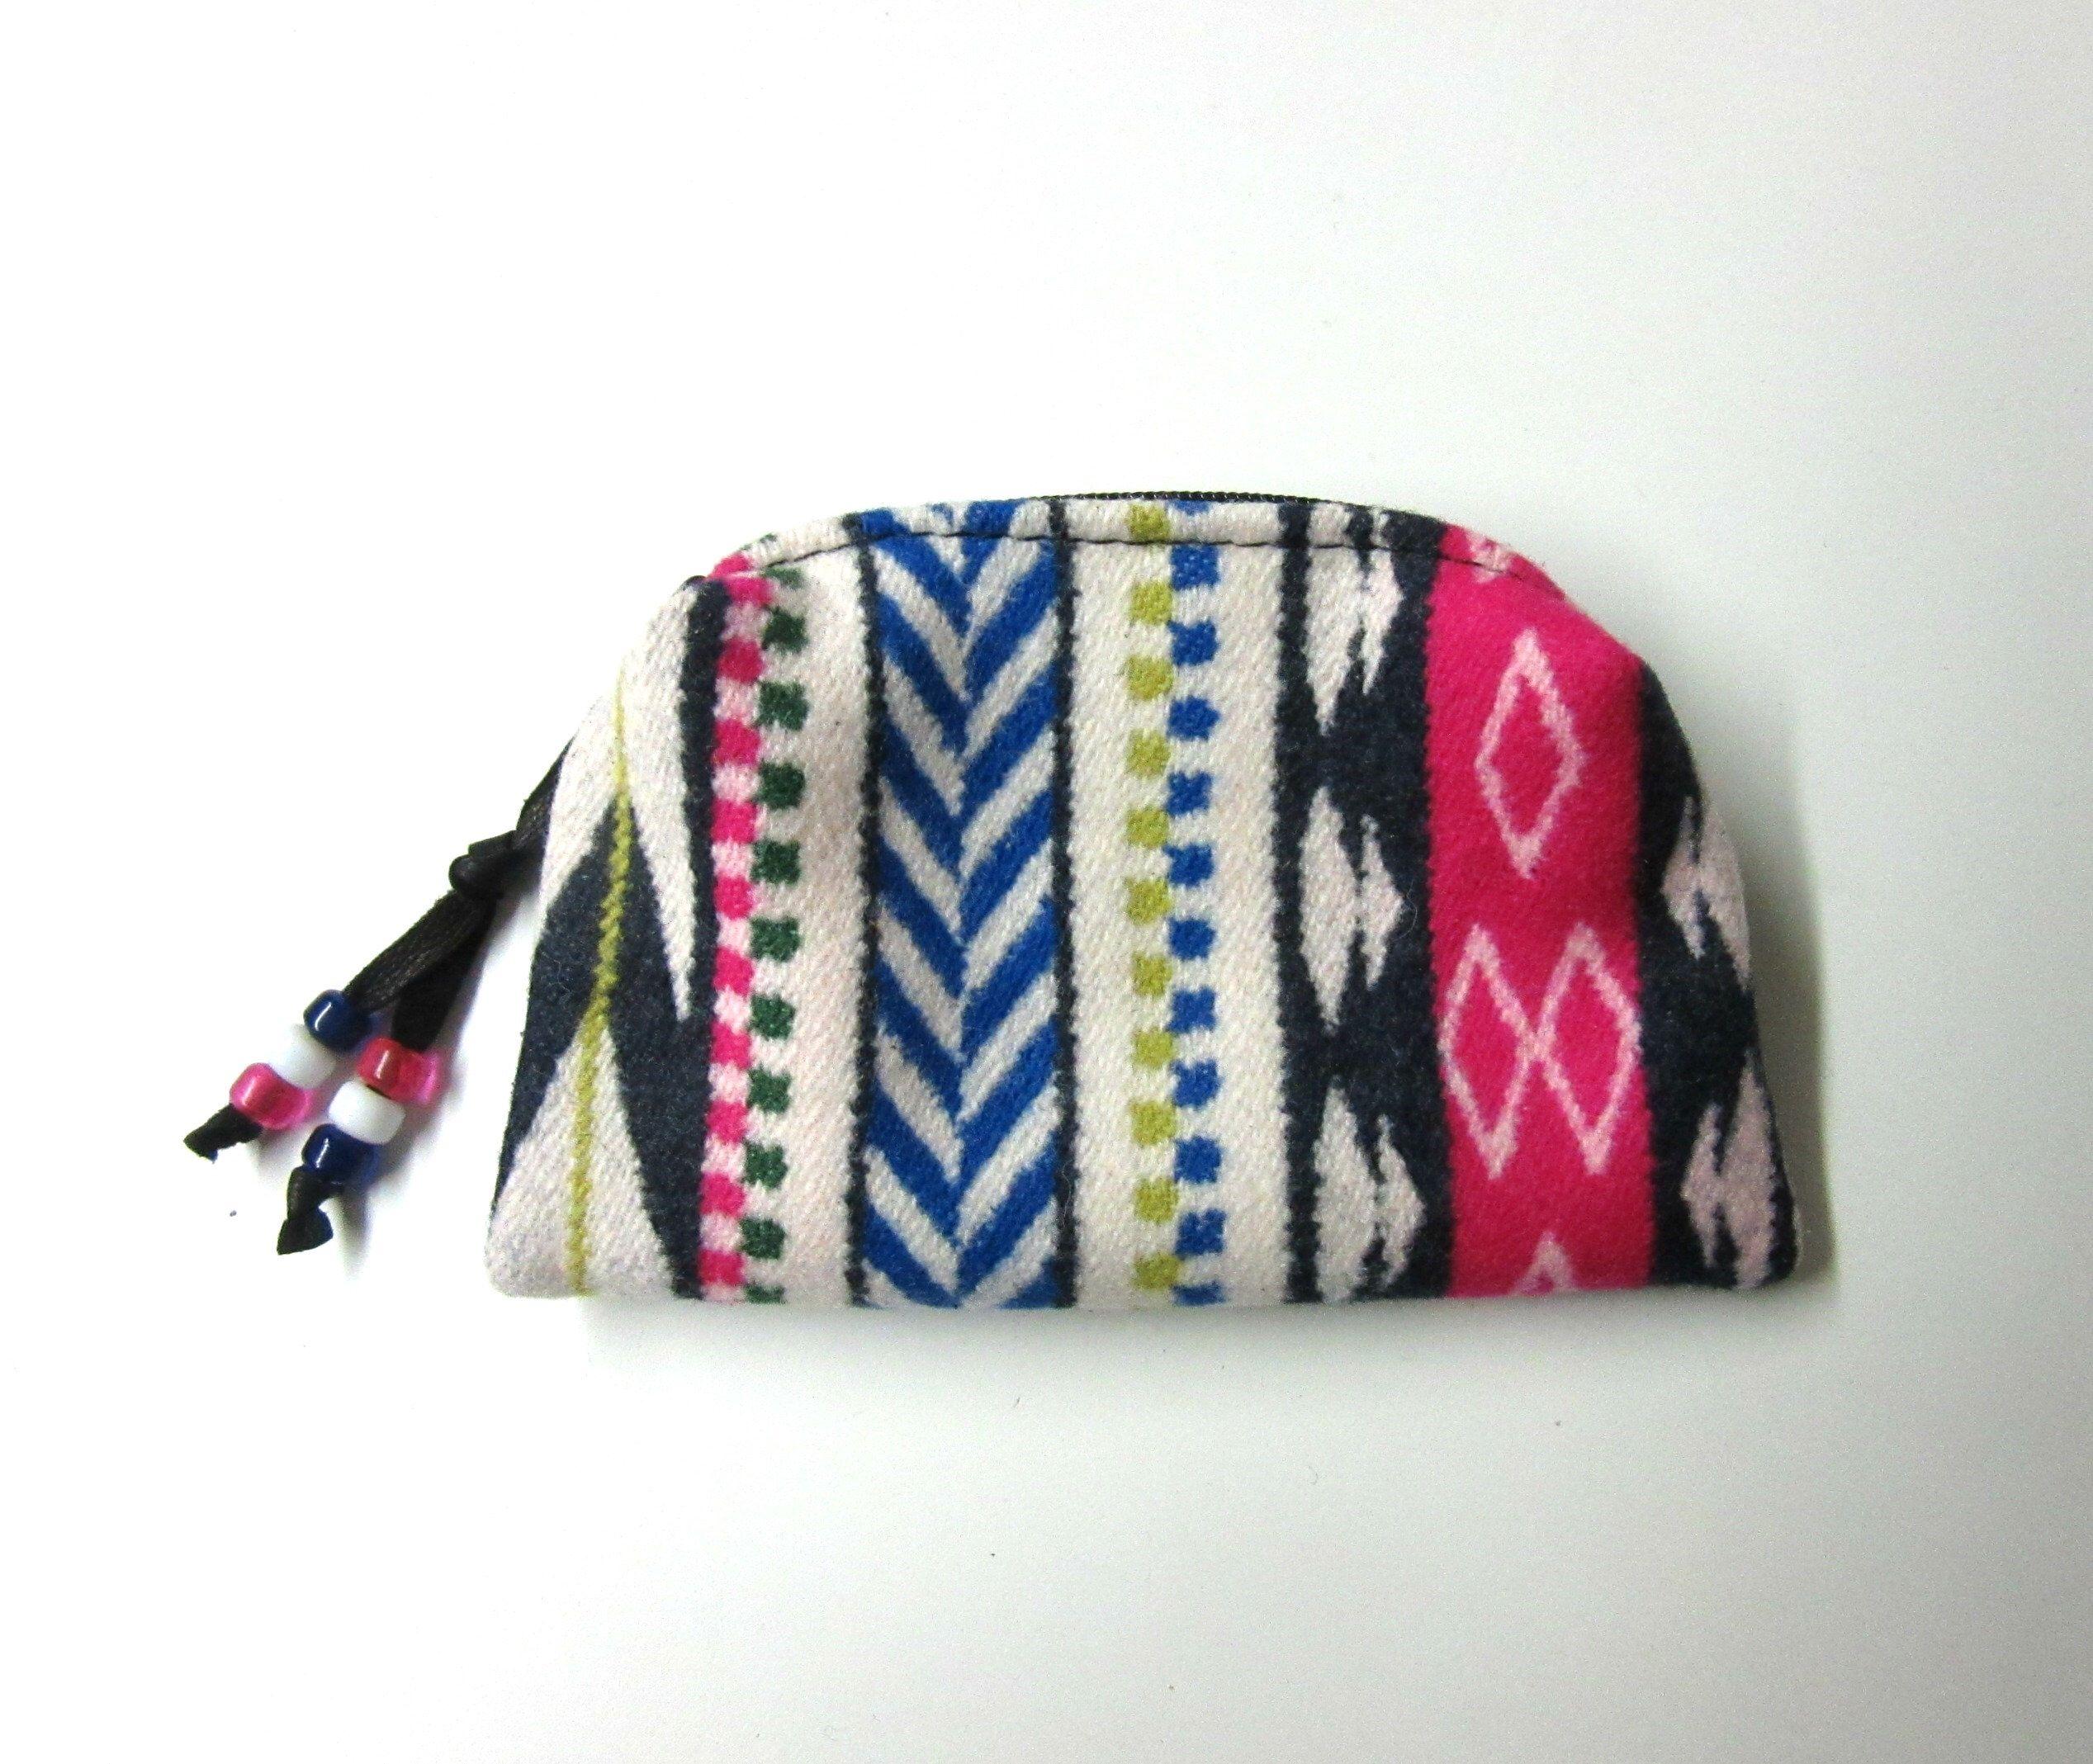 Wool zippered pouchchange purse